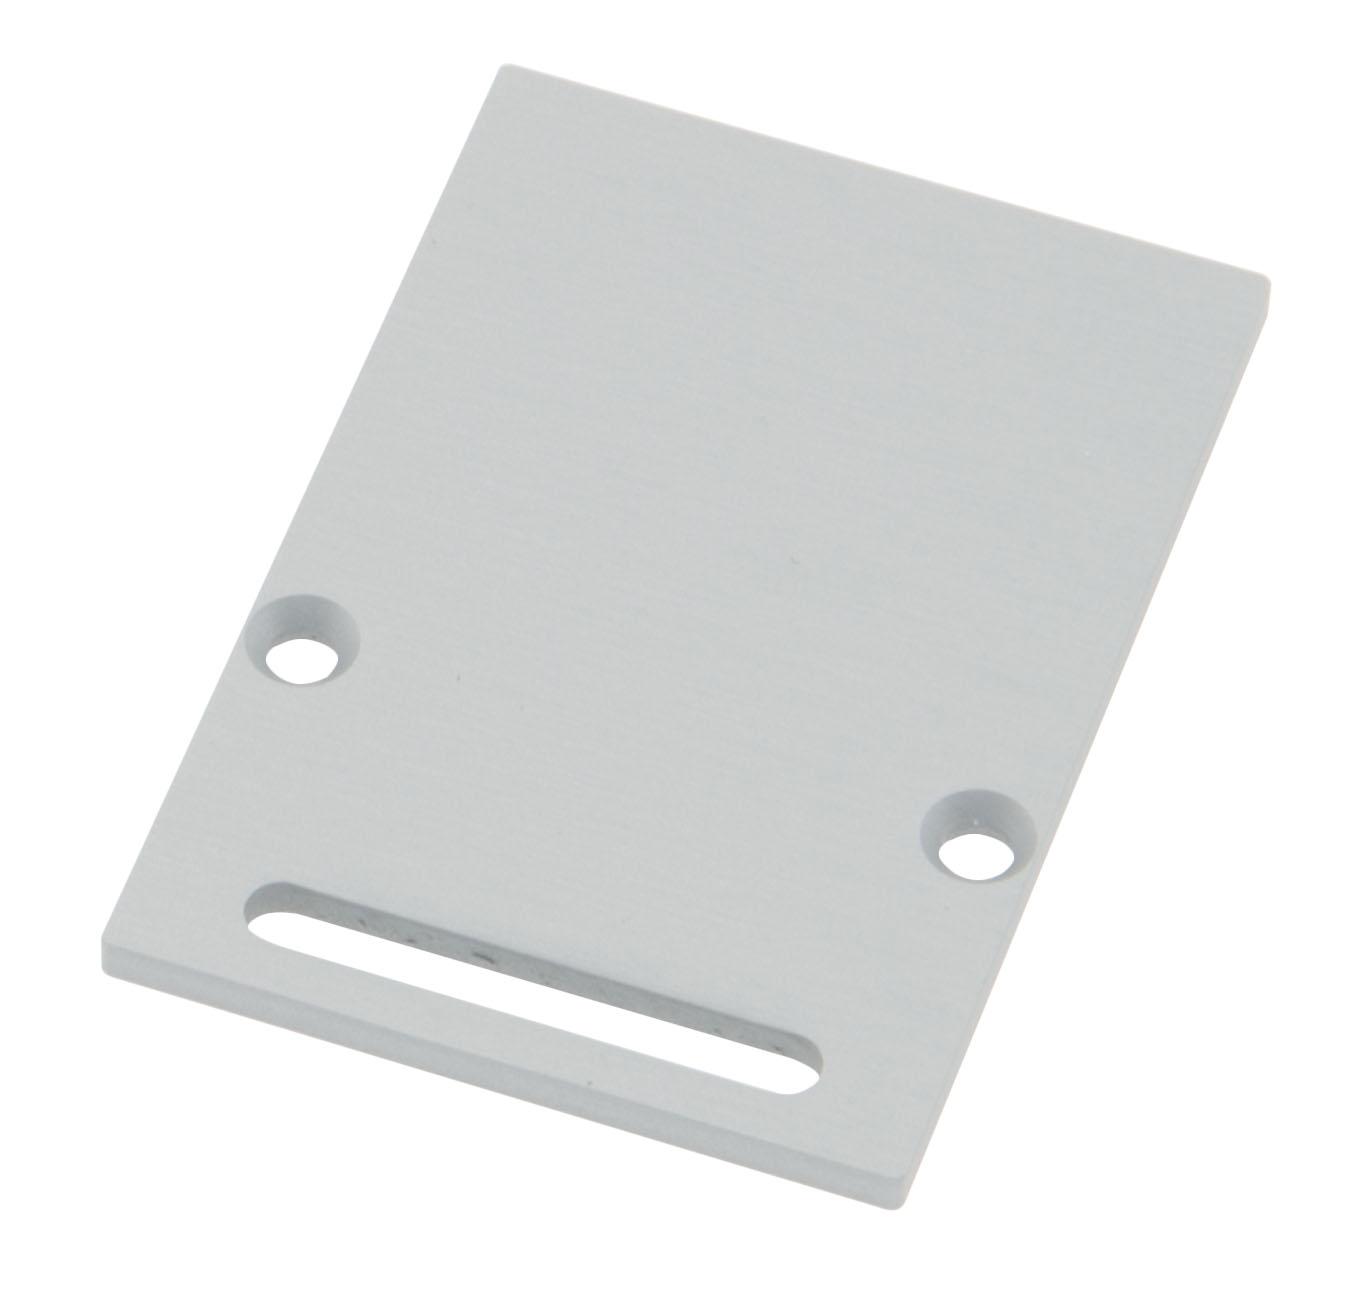 1 Stk Profil Endkappe CLR Eckig mit Langloch inkl. Schrauben LIEK006221